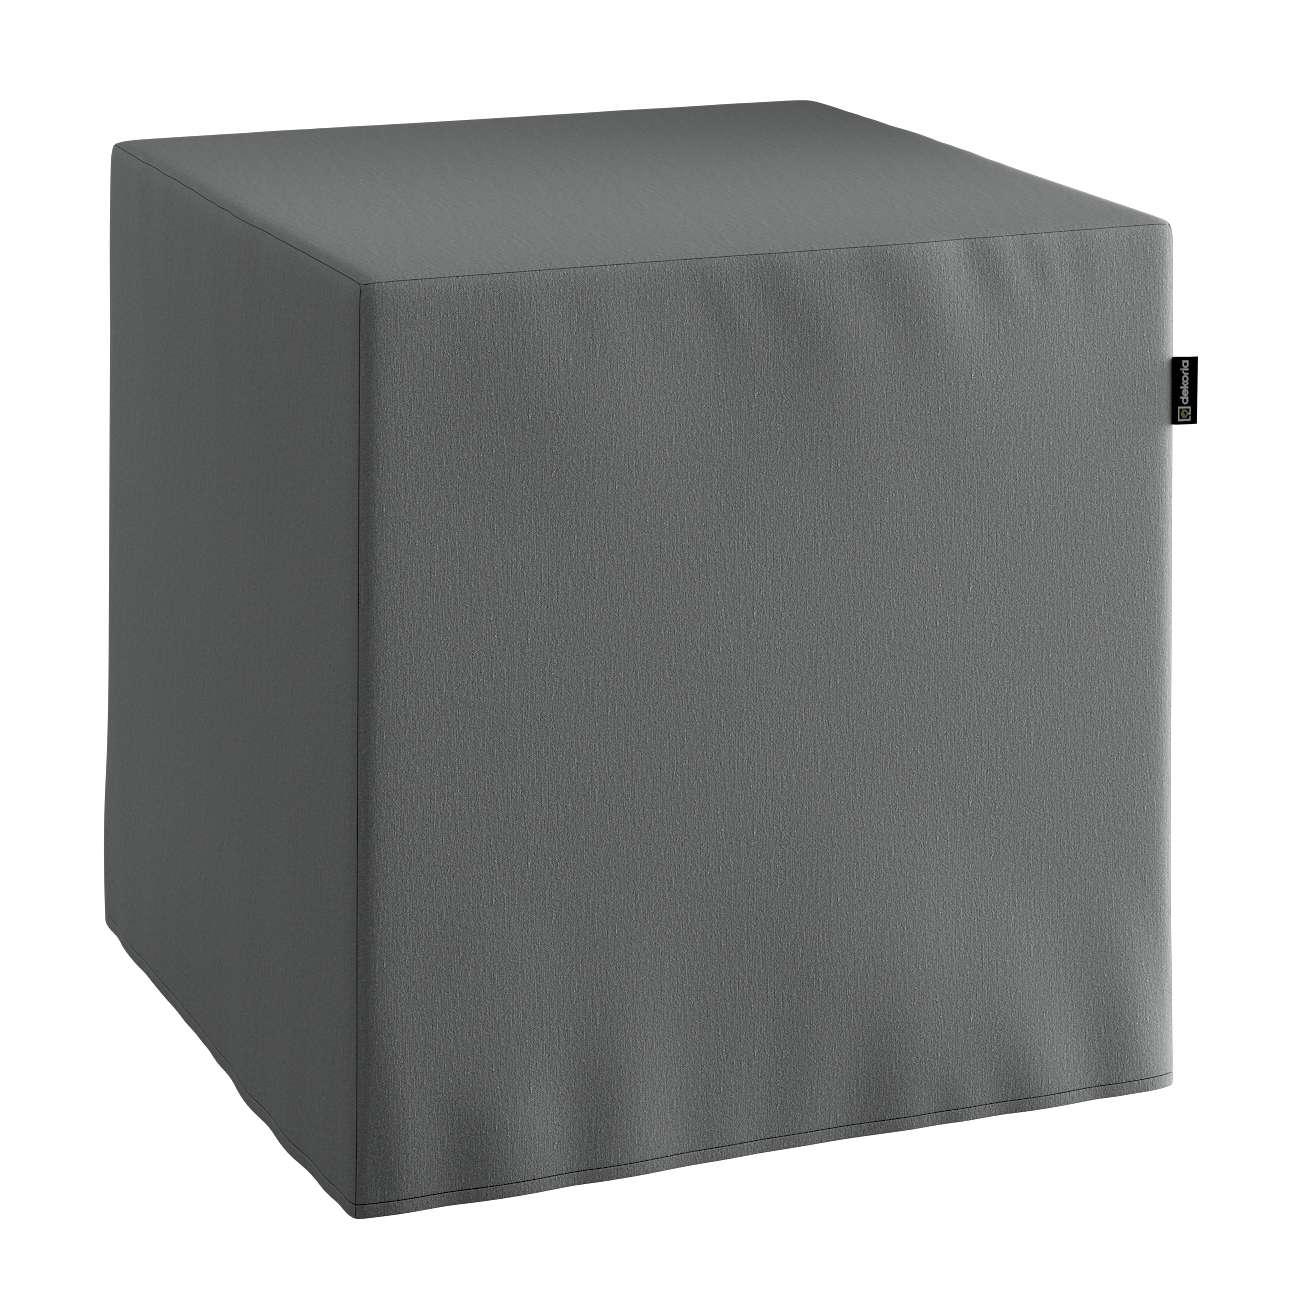 Taburetka tvrdá, kocka V kolekcii Quadro, tkanina: 136-14